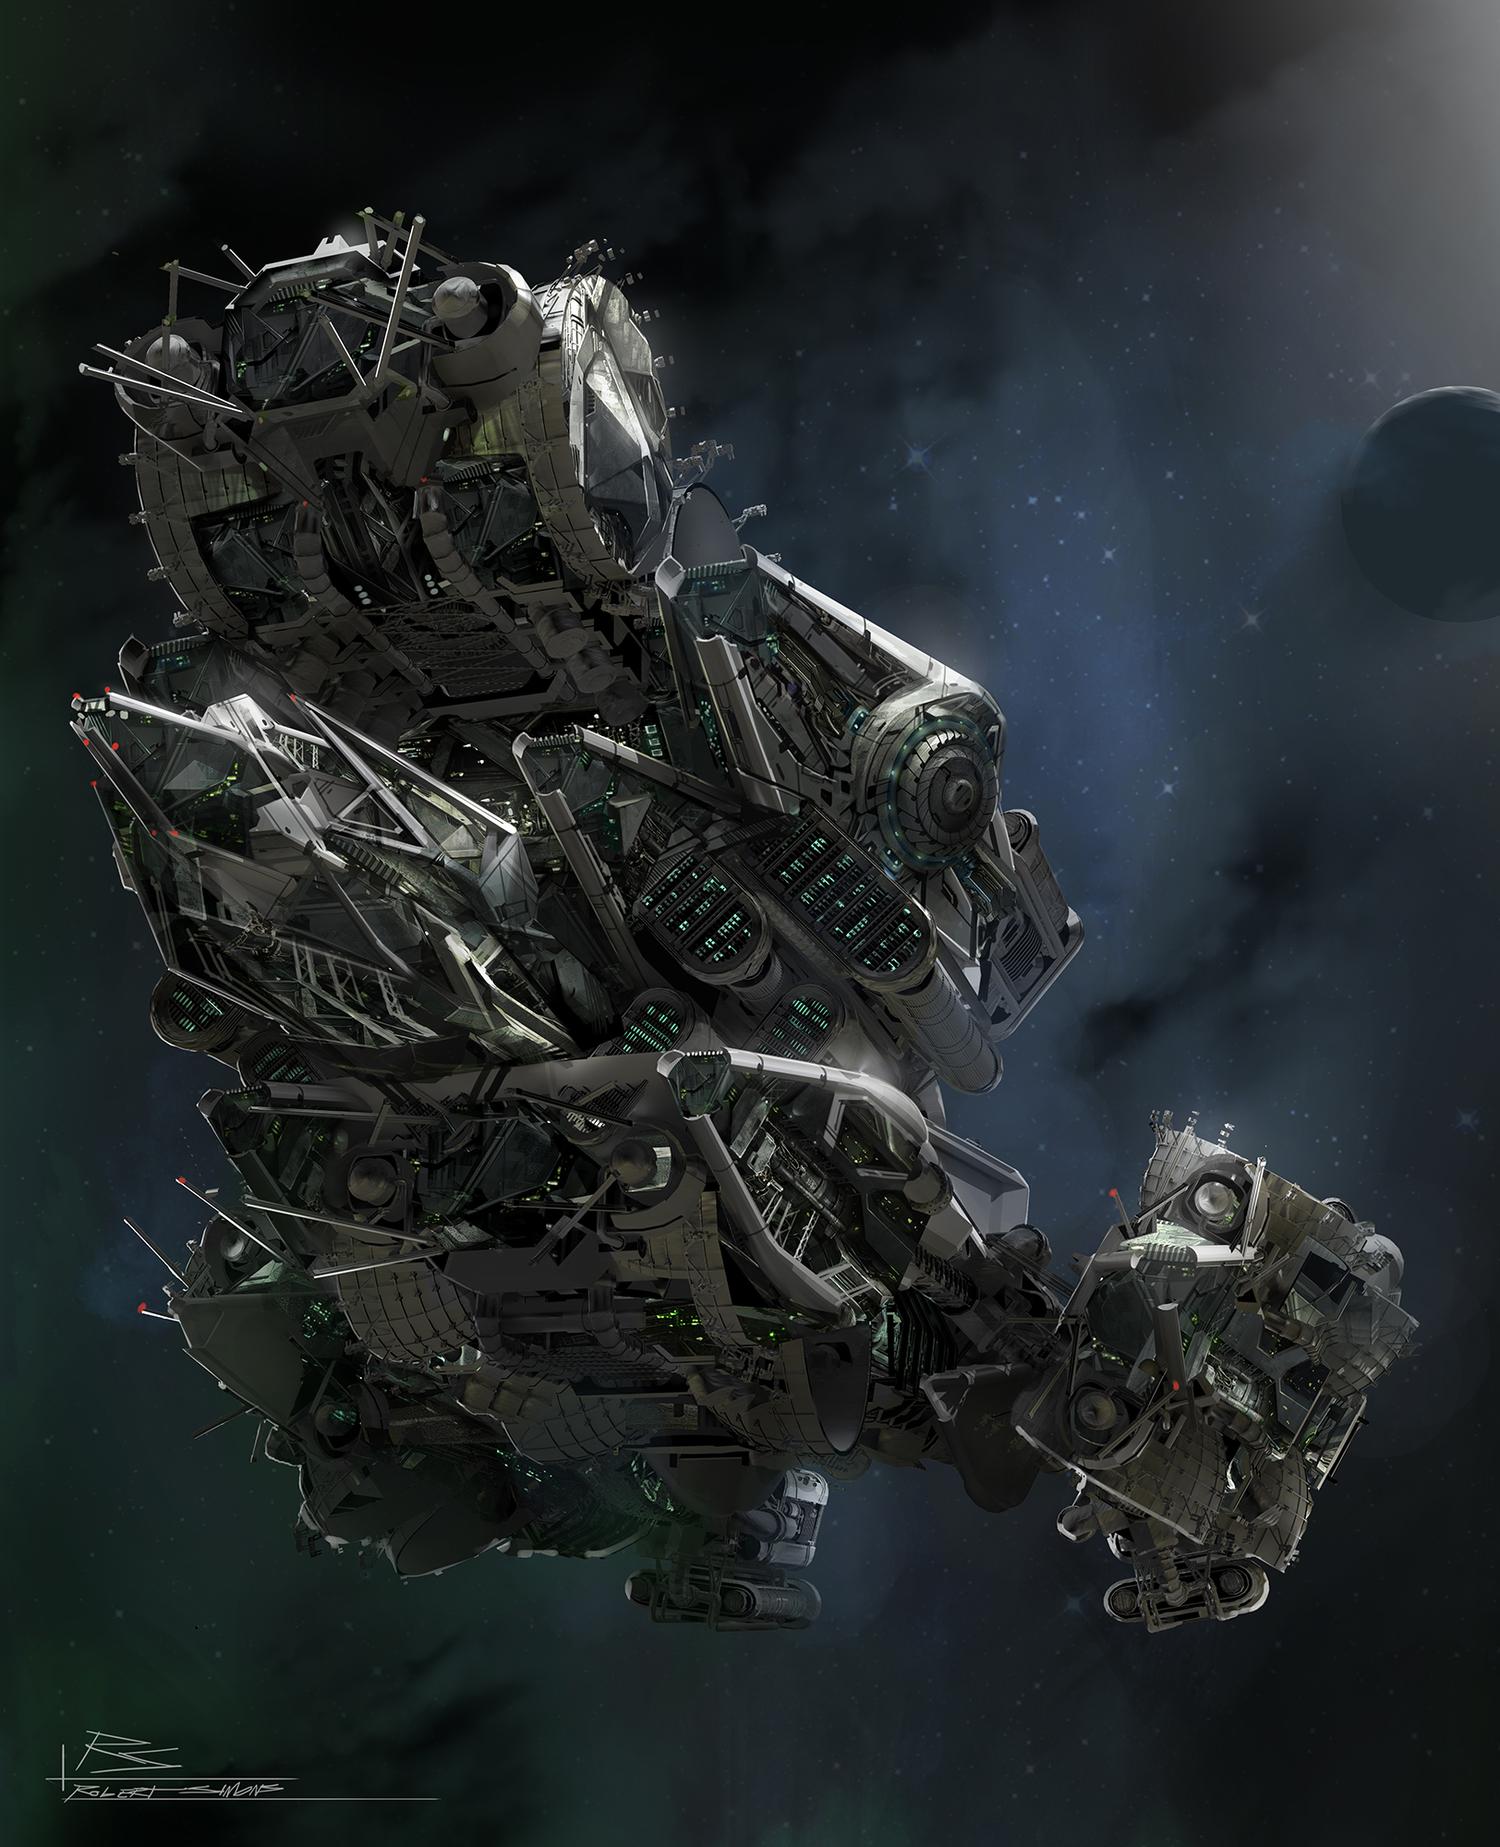 Transformers 4 Concept Art from Robert Simons ...